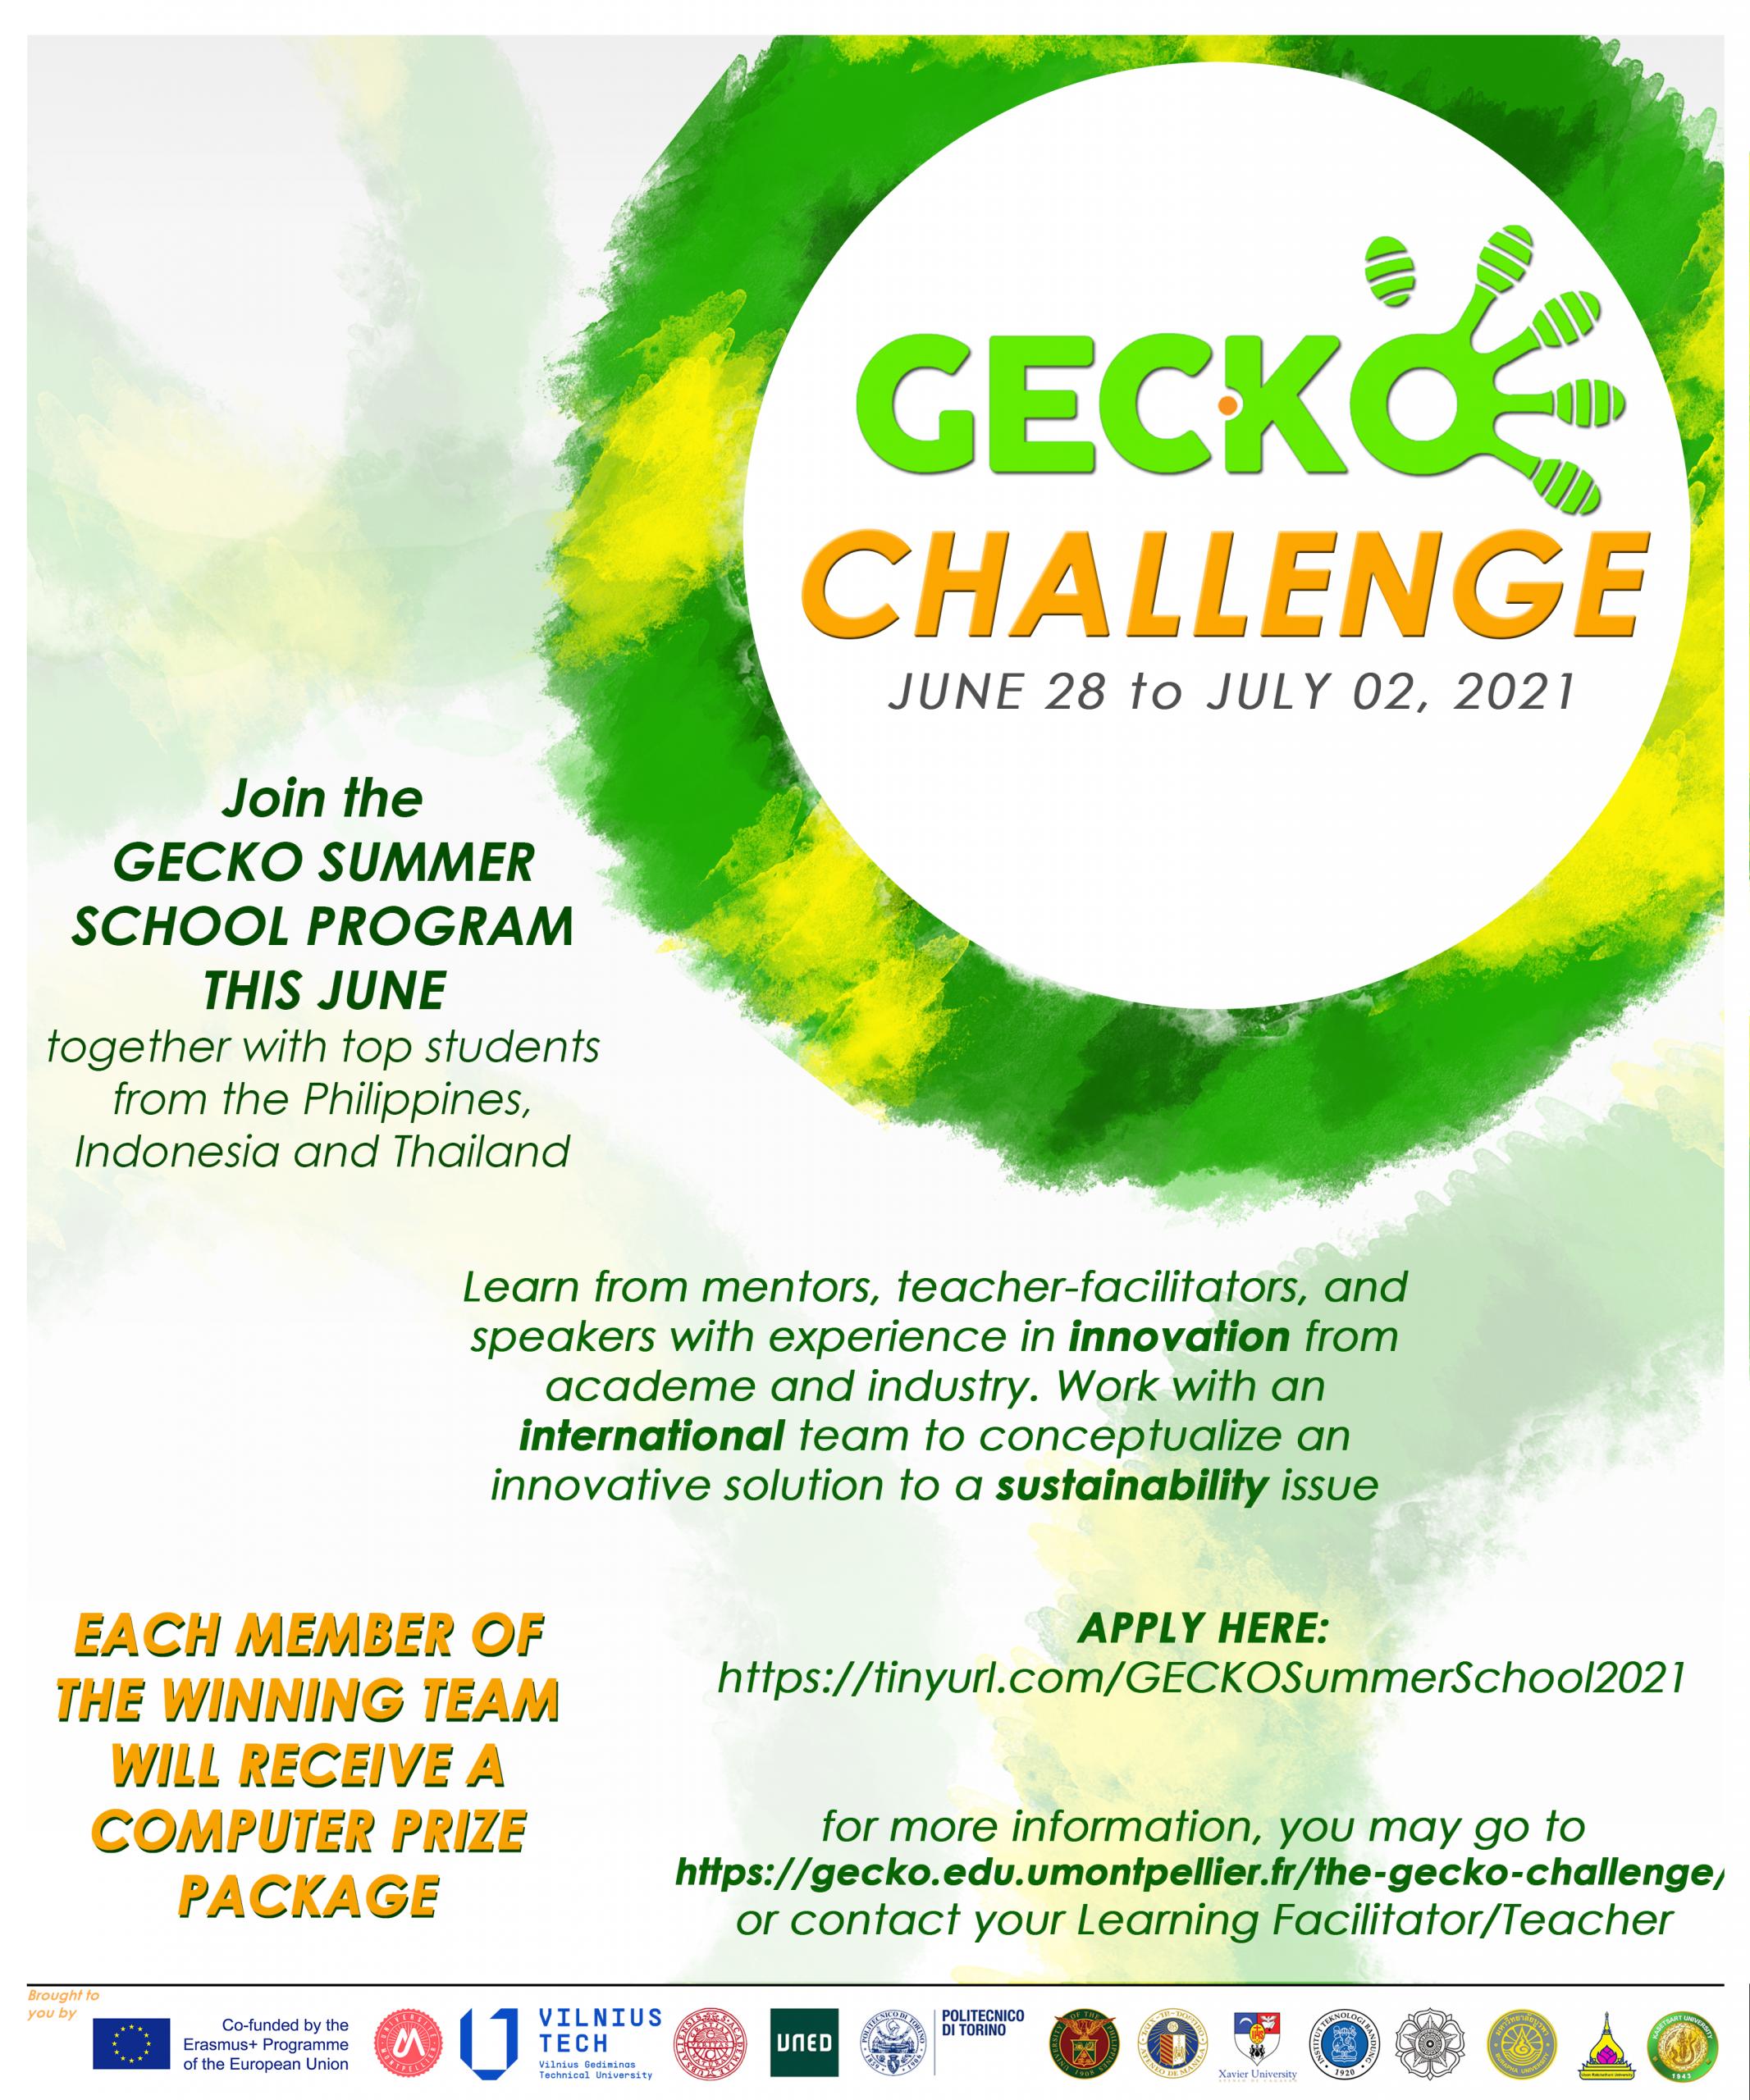 The GECKO Challenge: Summer School (June 28 – July 2, 2021)